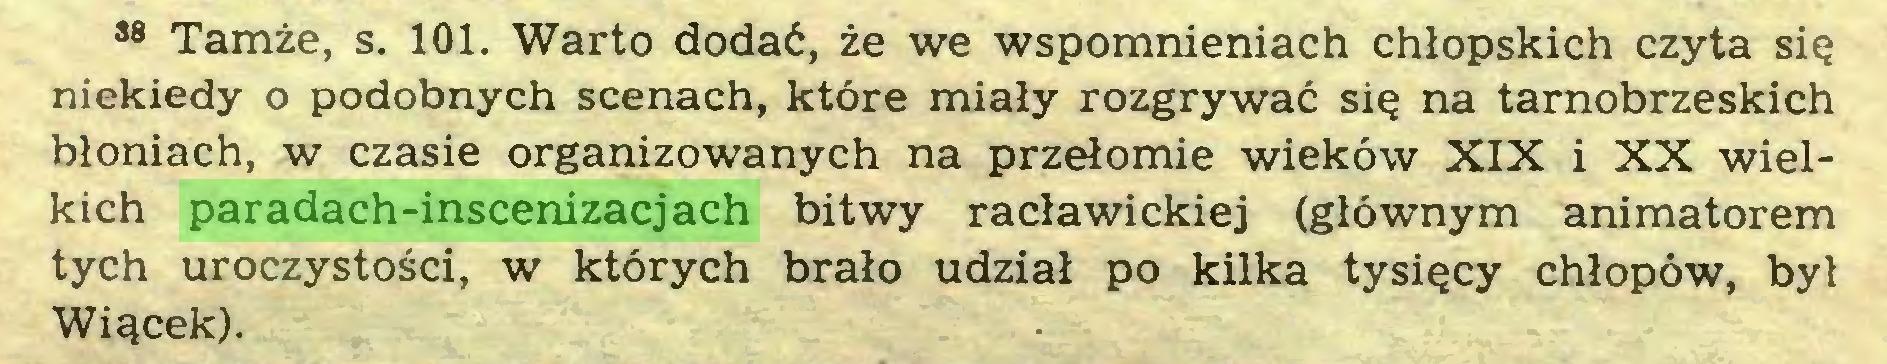 (...) 88 Tamże, s. 101. Warto dodać, że we wspomnieniach chłopskich czyta się niekiedy o podobnych scenach, które miały rozgrywać się na tarnobrzeskich błoniach, w czasie organizowanych na przełomie wieków XIX i XX wielkich paradach-inscenizacjach bitwy racławickiej (głównym animatorem tych uroczystości, w których brało udział po kilka tysięcy chłopów, był Wiącek)...